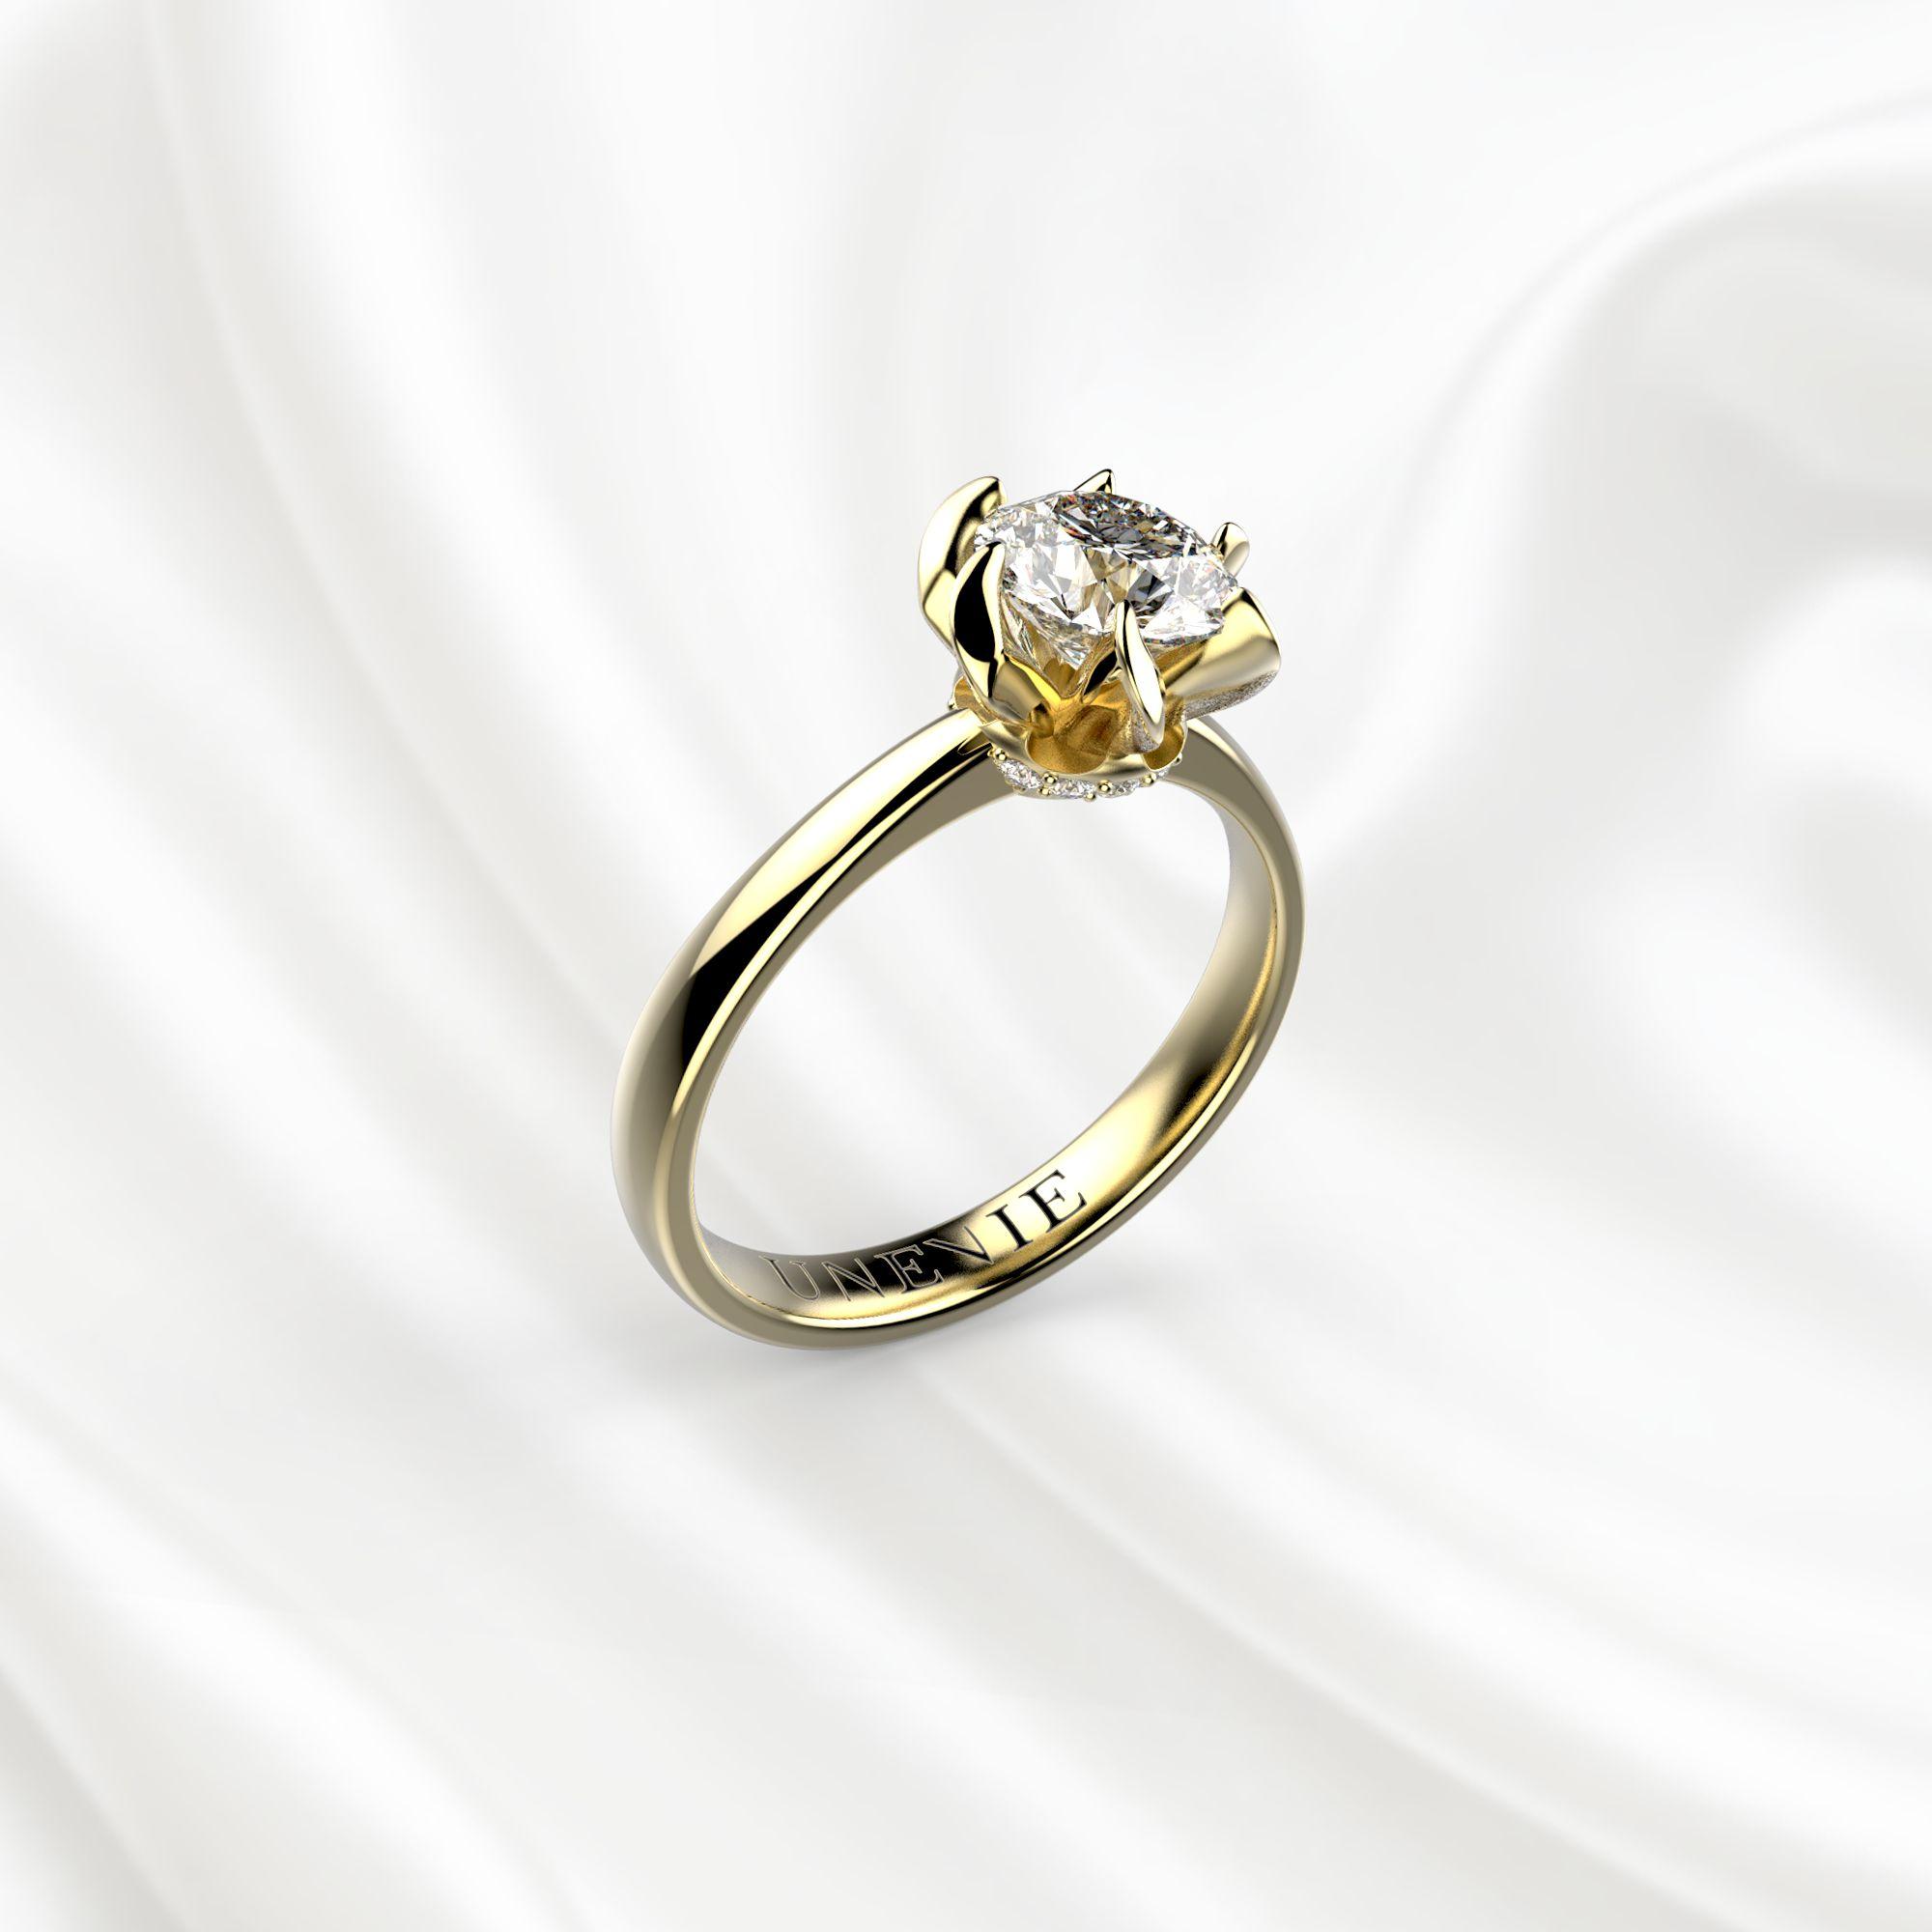 N11 Помолвочное кольцо из желтого золота с бриллиантом 0.7 карат